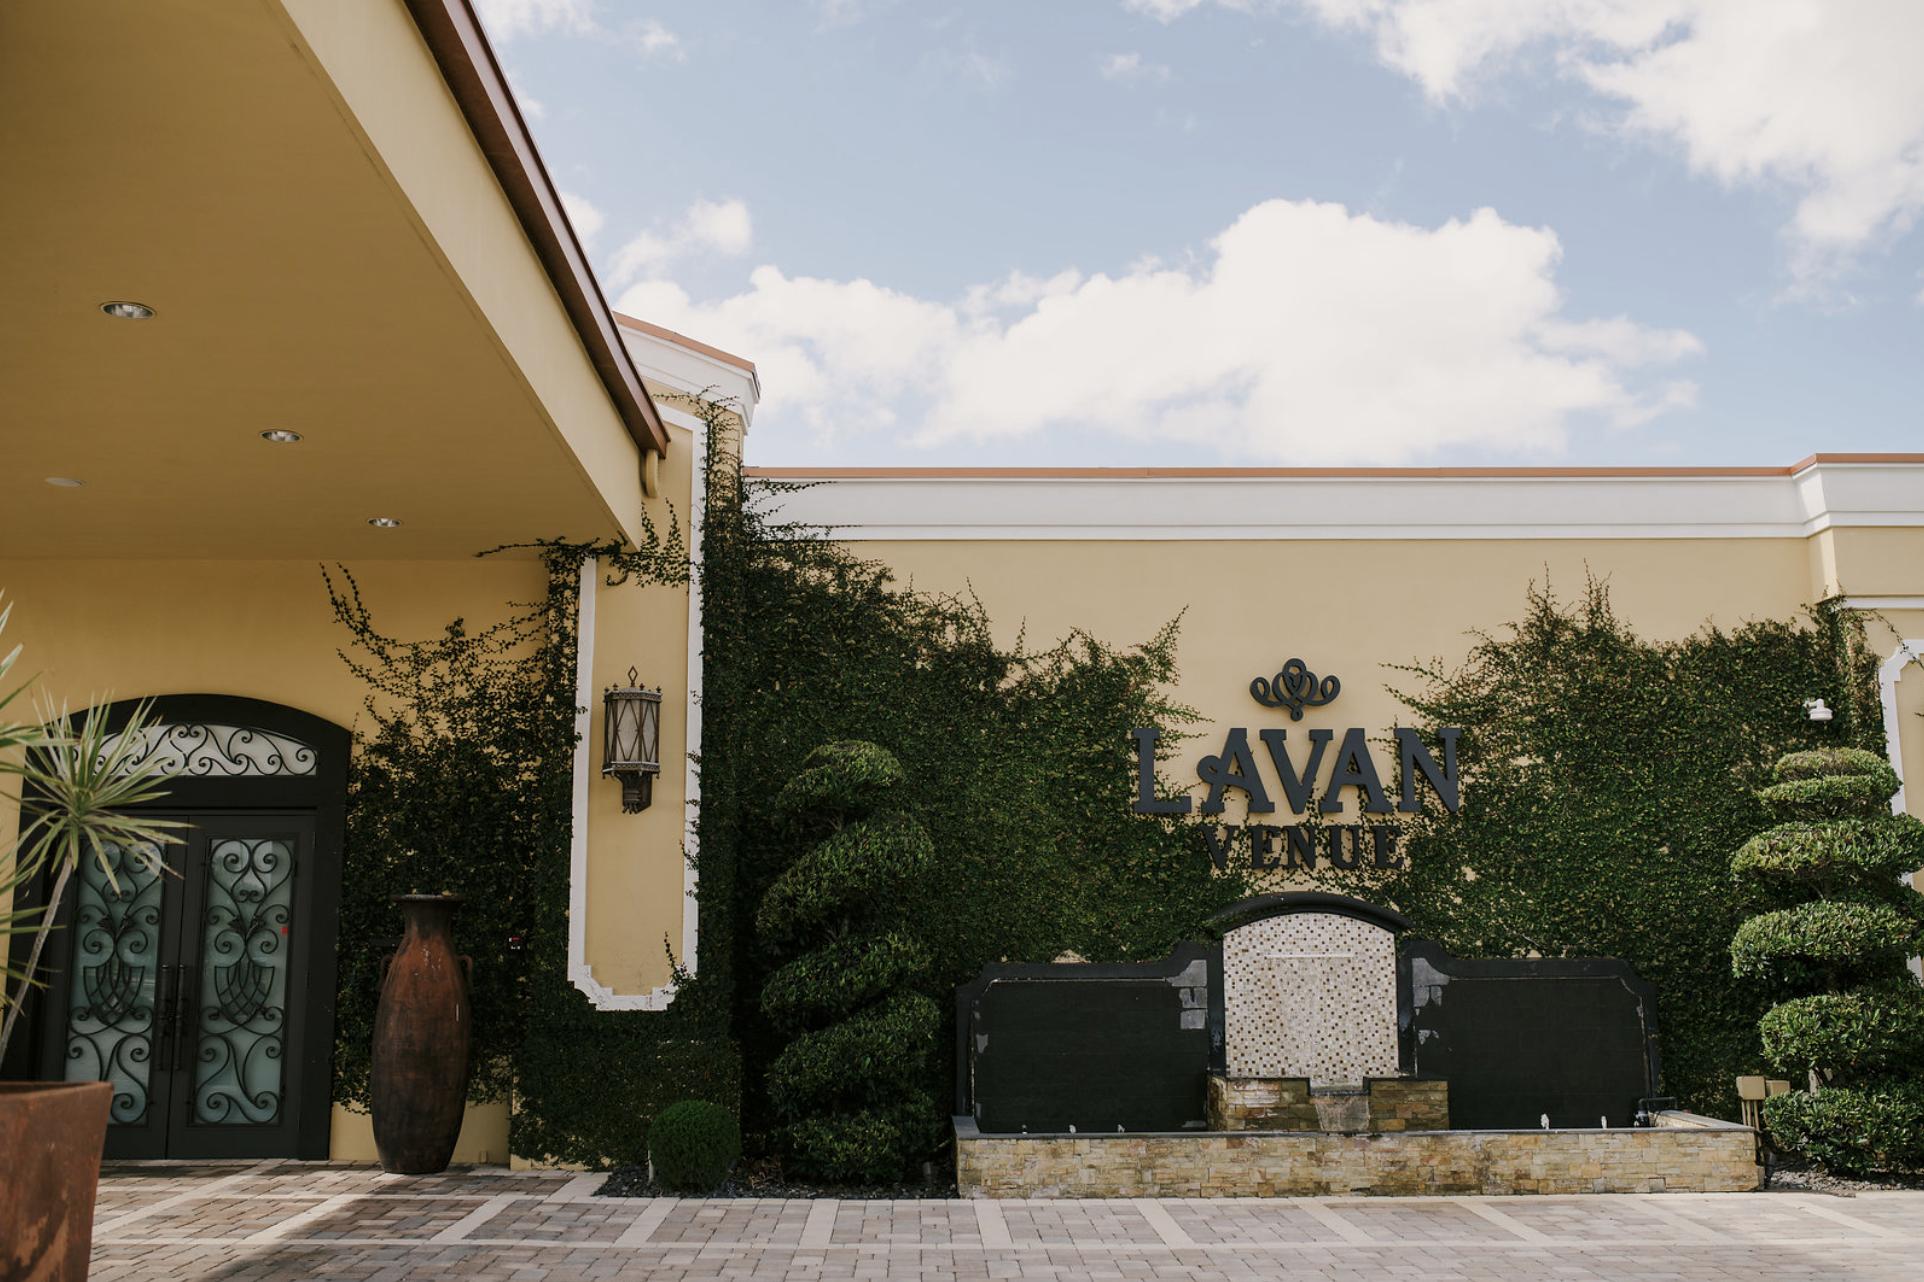 Lavan Broward Ft Lauderdale Event Venue 4.11.51 PM.png